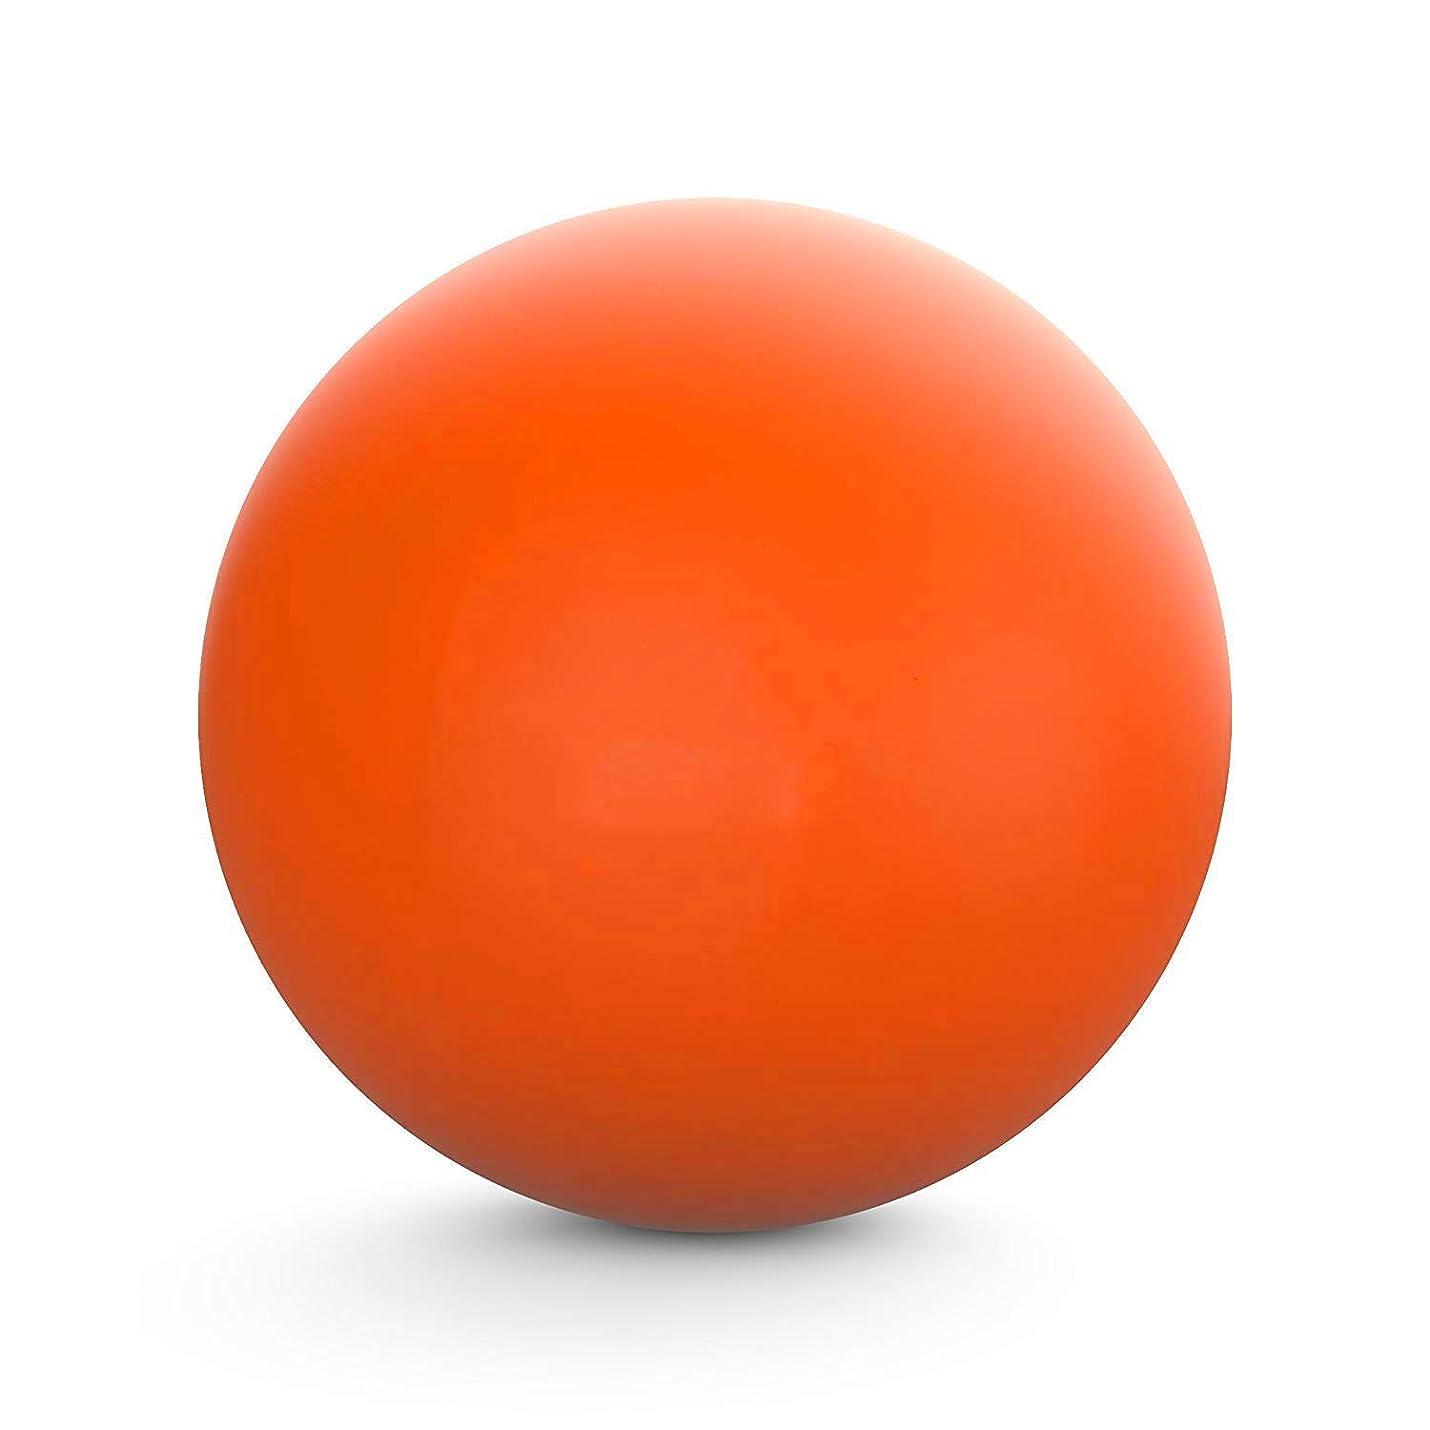 上知性ポークマッサージボール セット ラクロスボール ストレッチボール トリガーポイント 筋膜リリース 首?腰?太もも?ふくらはぎ?足裏ツボ押し オレ